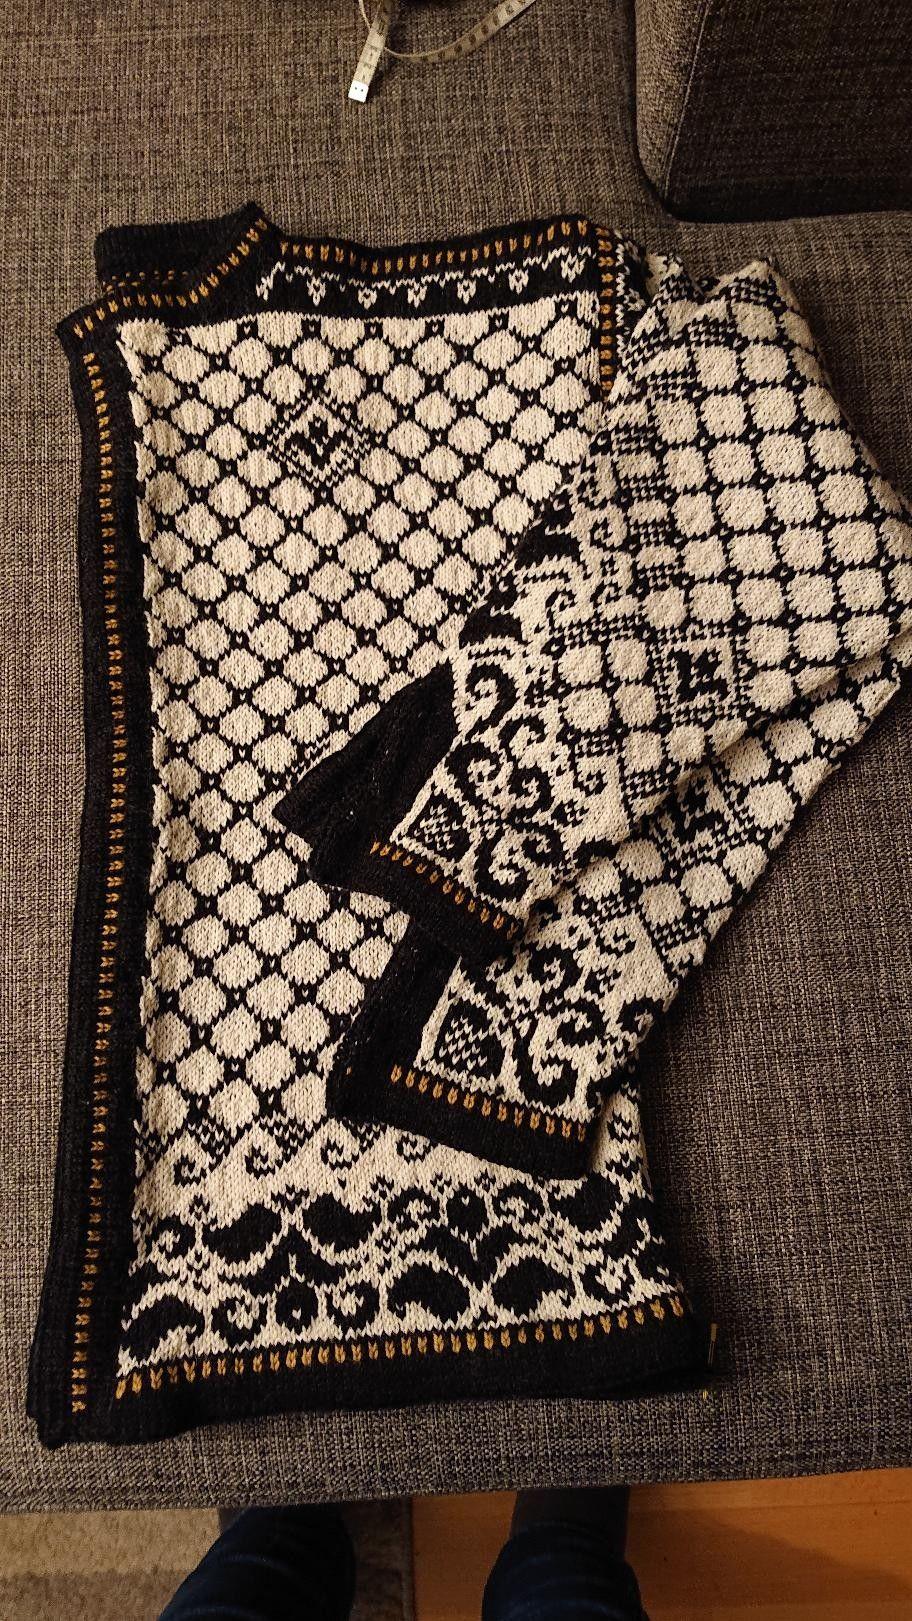 Håndstrikket jakke Kjøpe, selge og utveksle annonser de